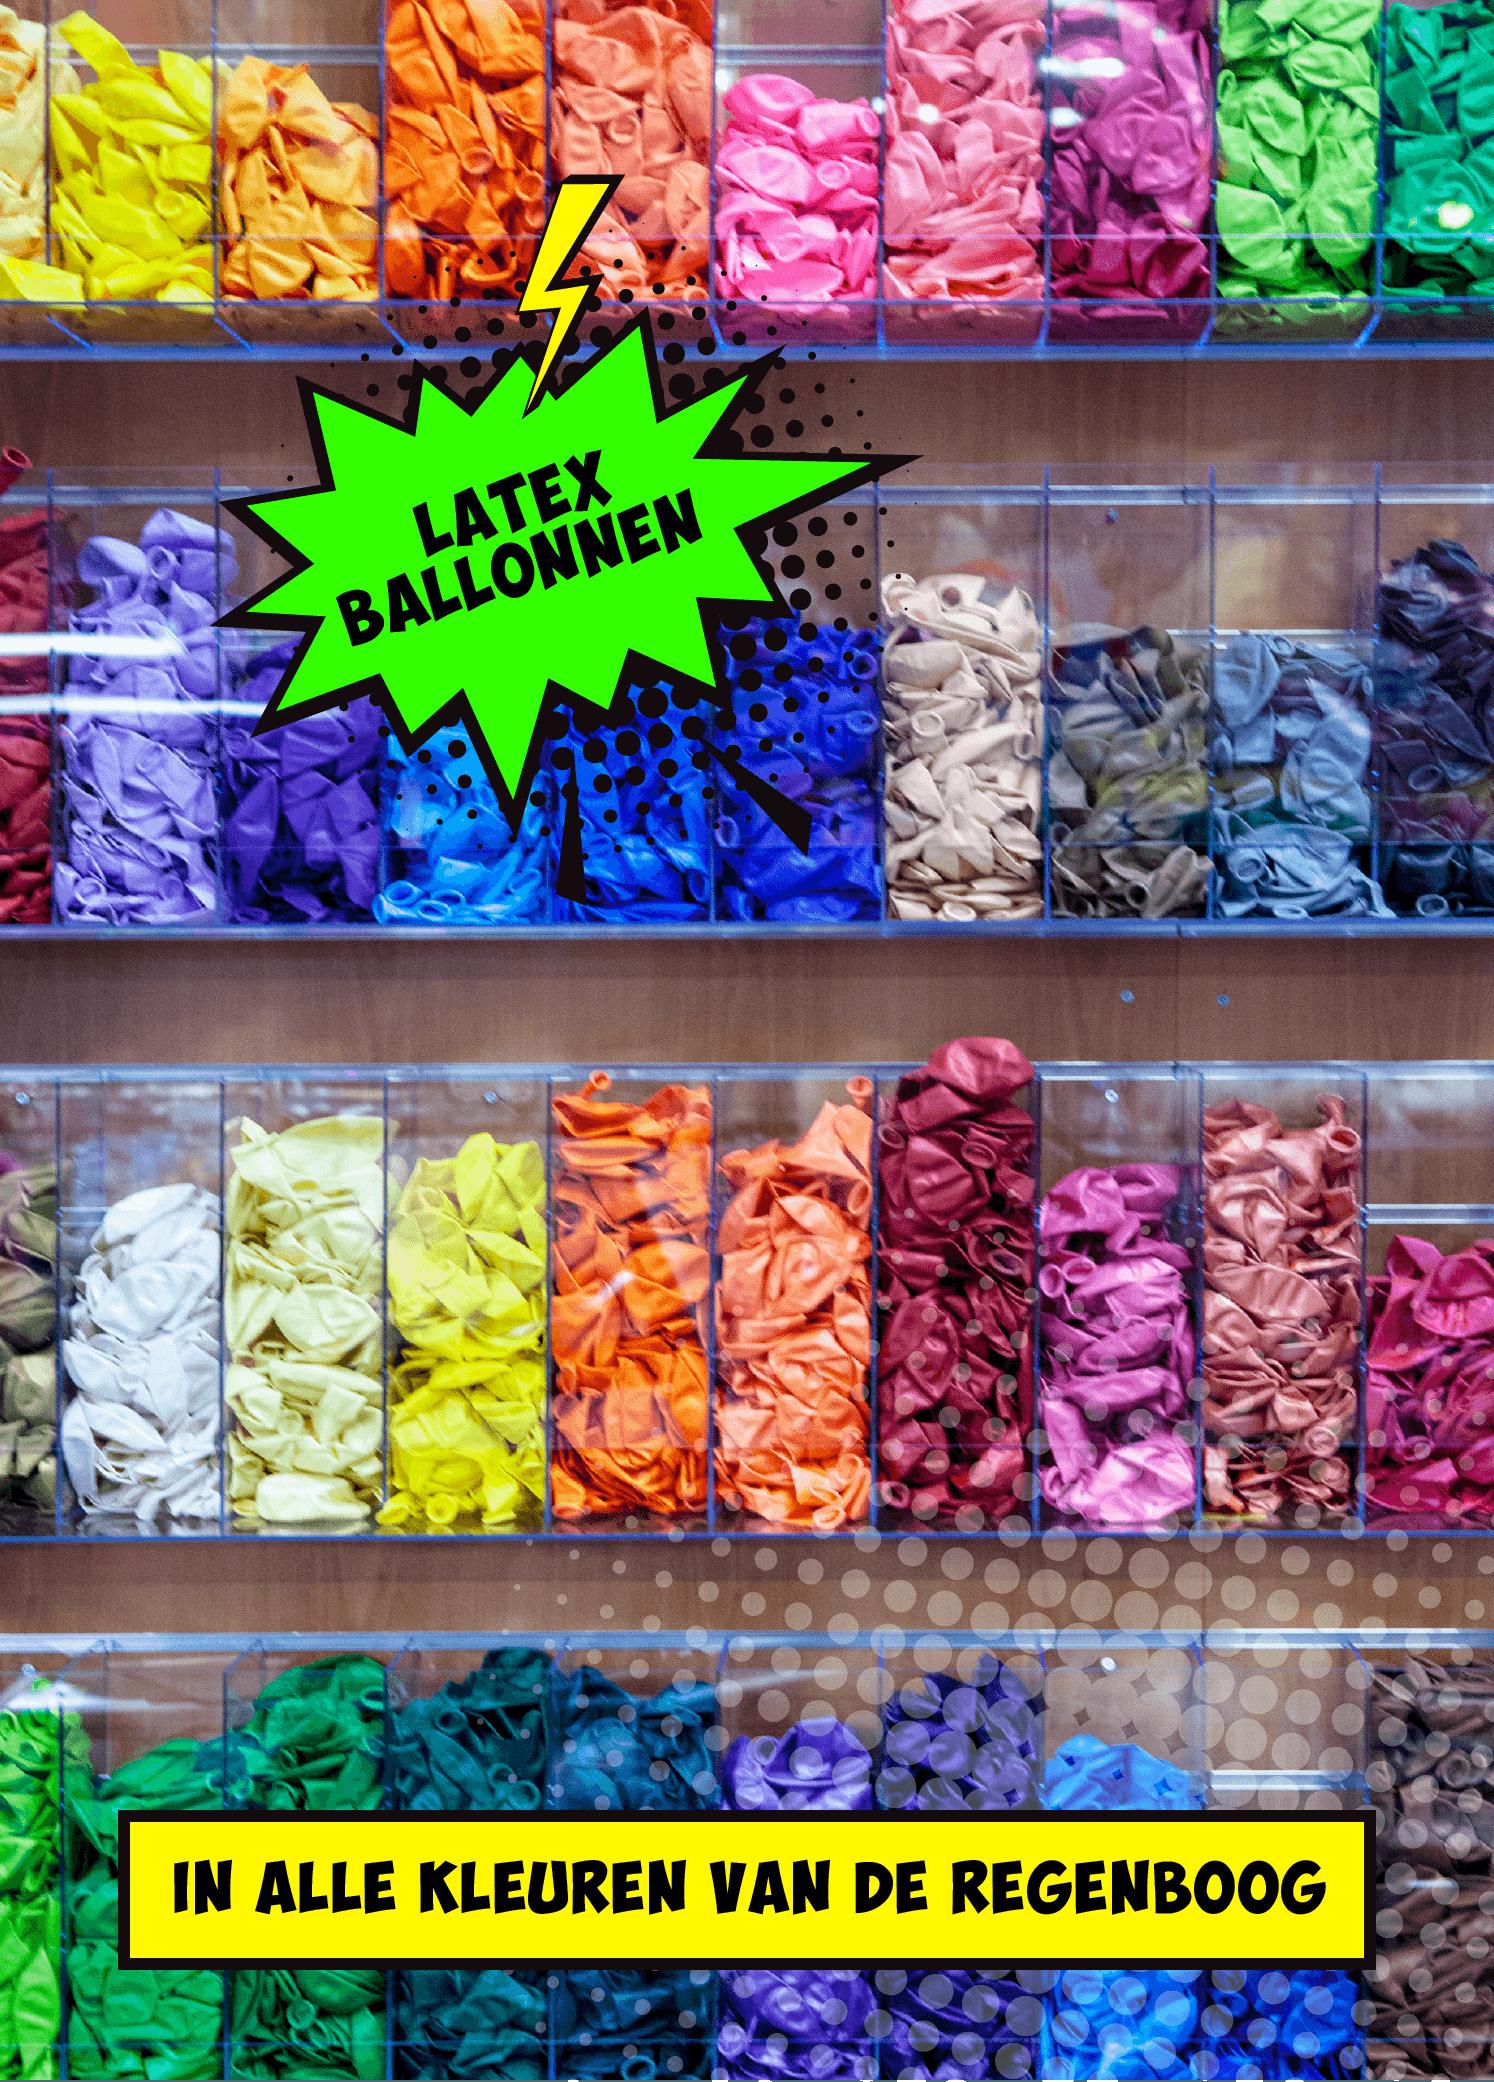 Latex ballonnen in alle kleuren en maten vindt je bij koorn&co uit Rotterdam